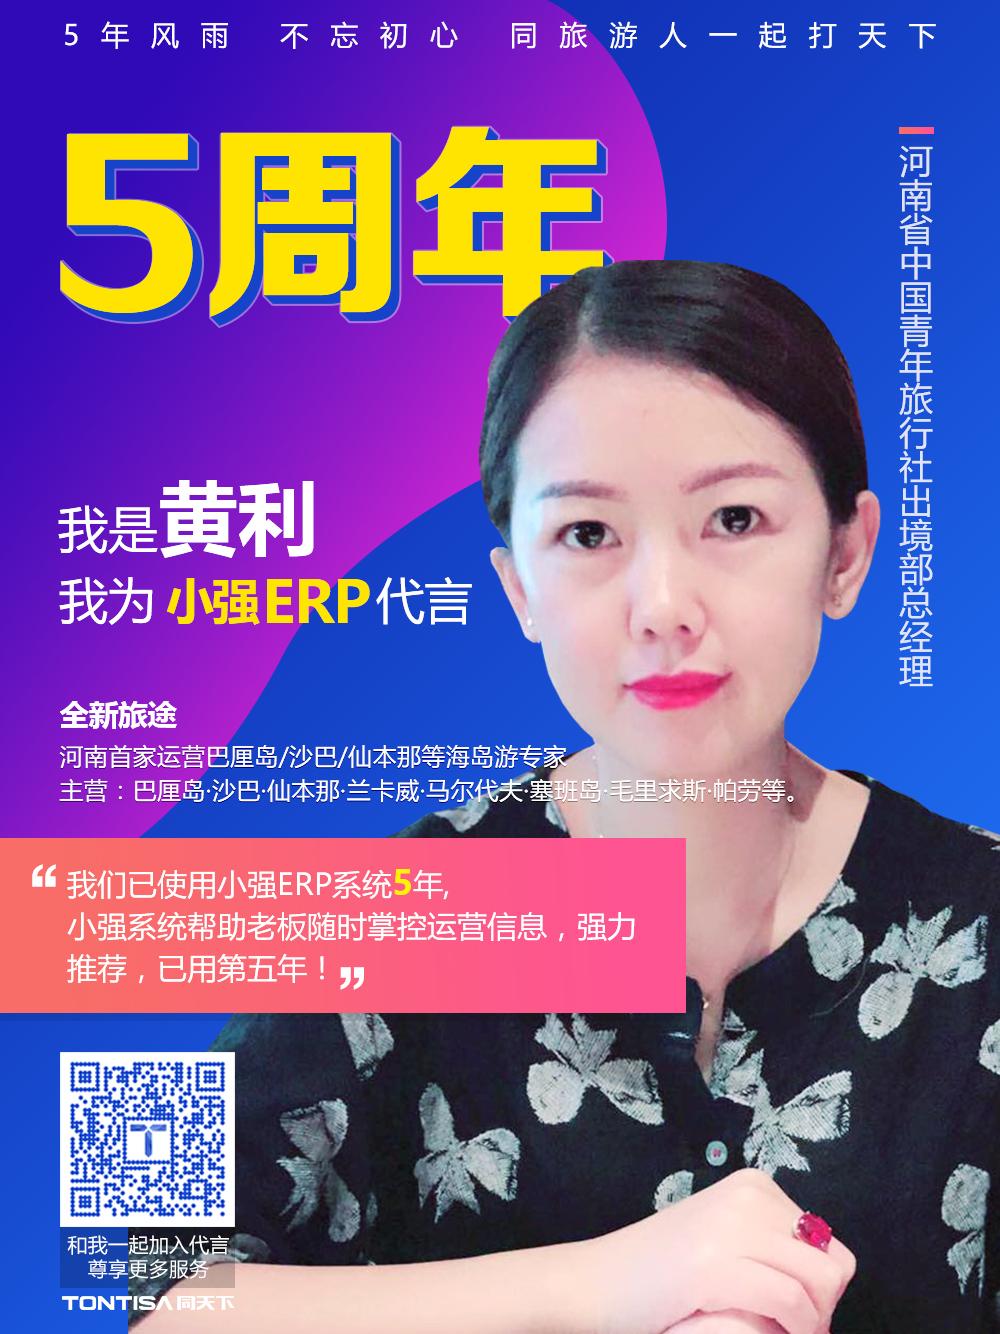 3、五周年系列海报(黄利).jpg